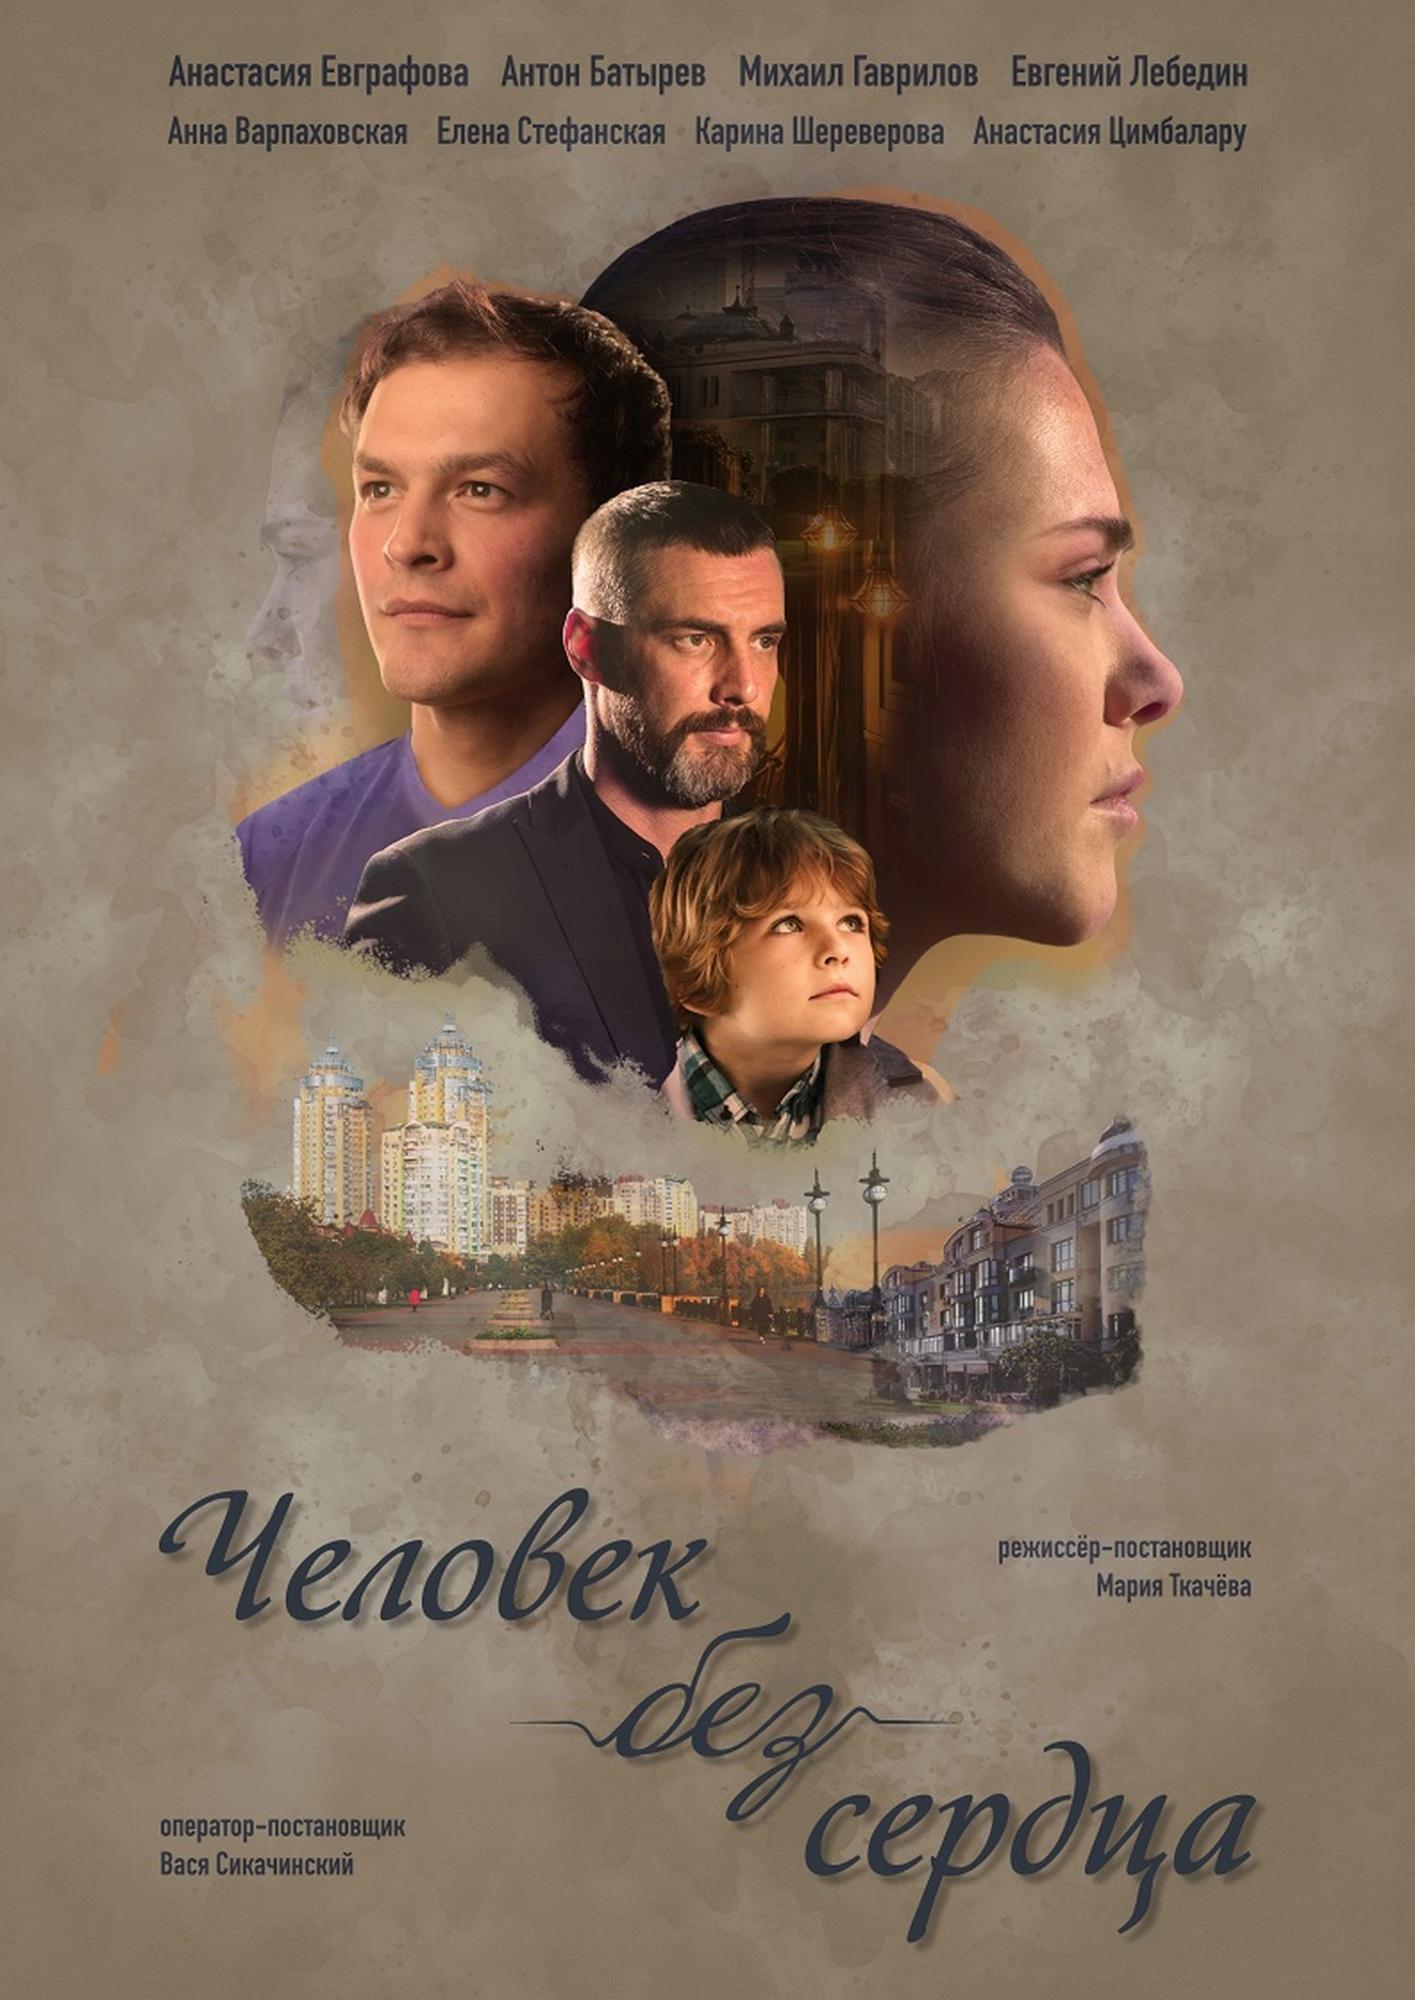 Мелодрама «Чeлoвeк бeз ceрдцa» (2018) 1-4 серия из 4 HD